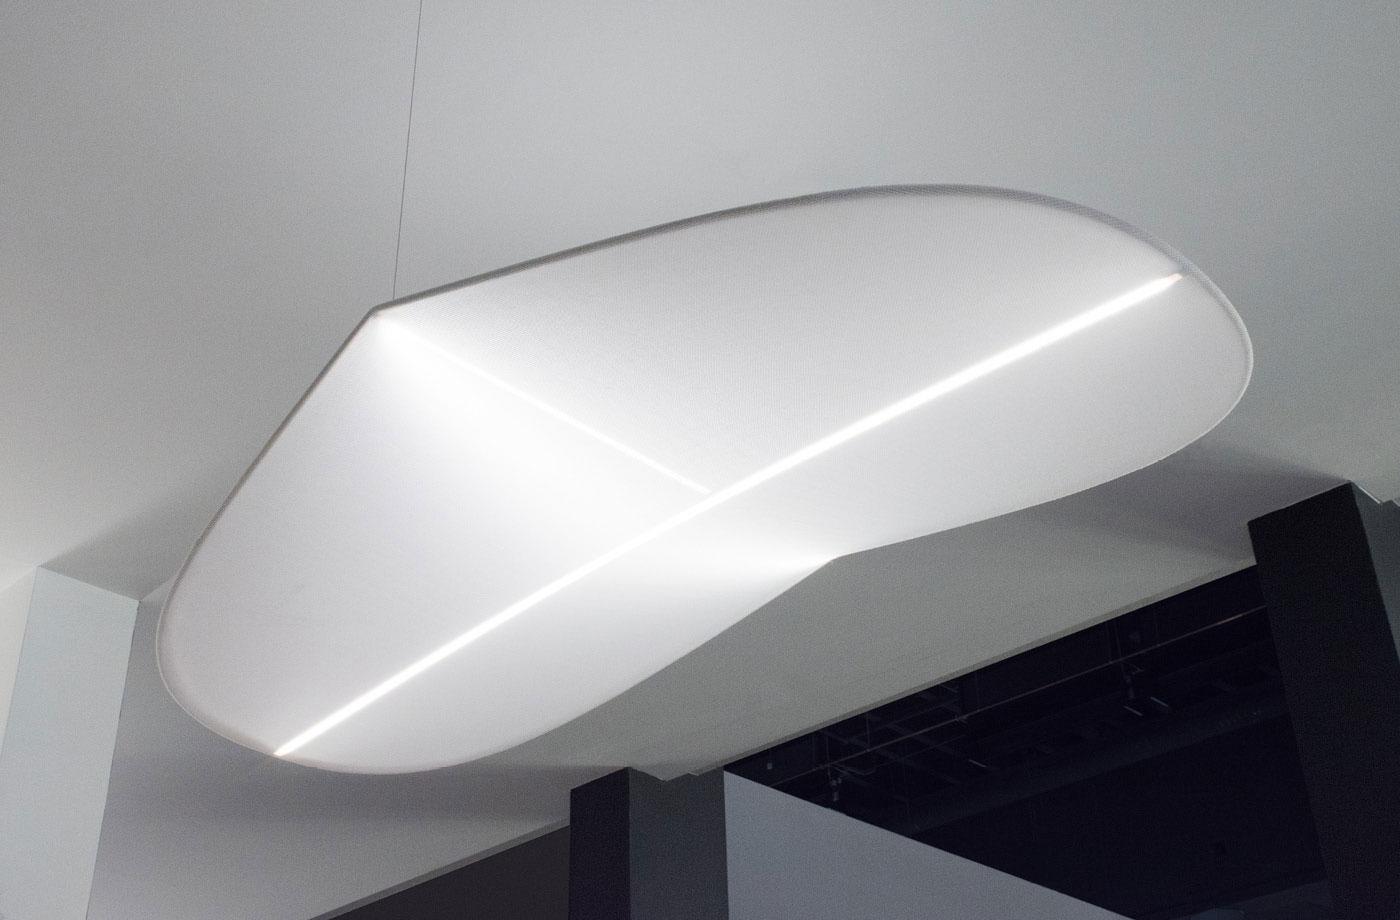 scale leuchte von tale designstudio für belux kreon